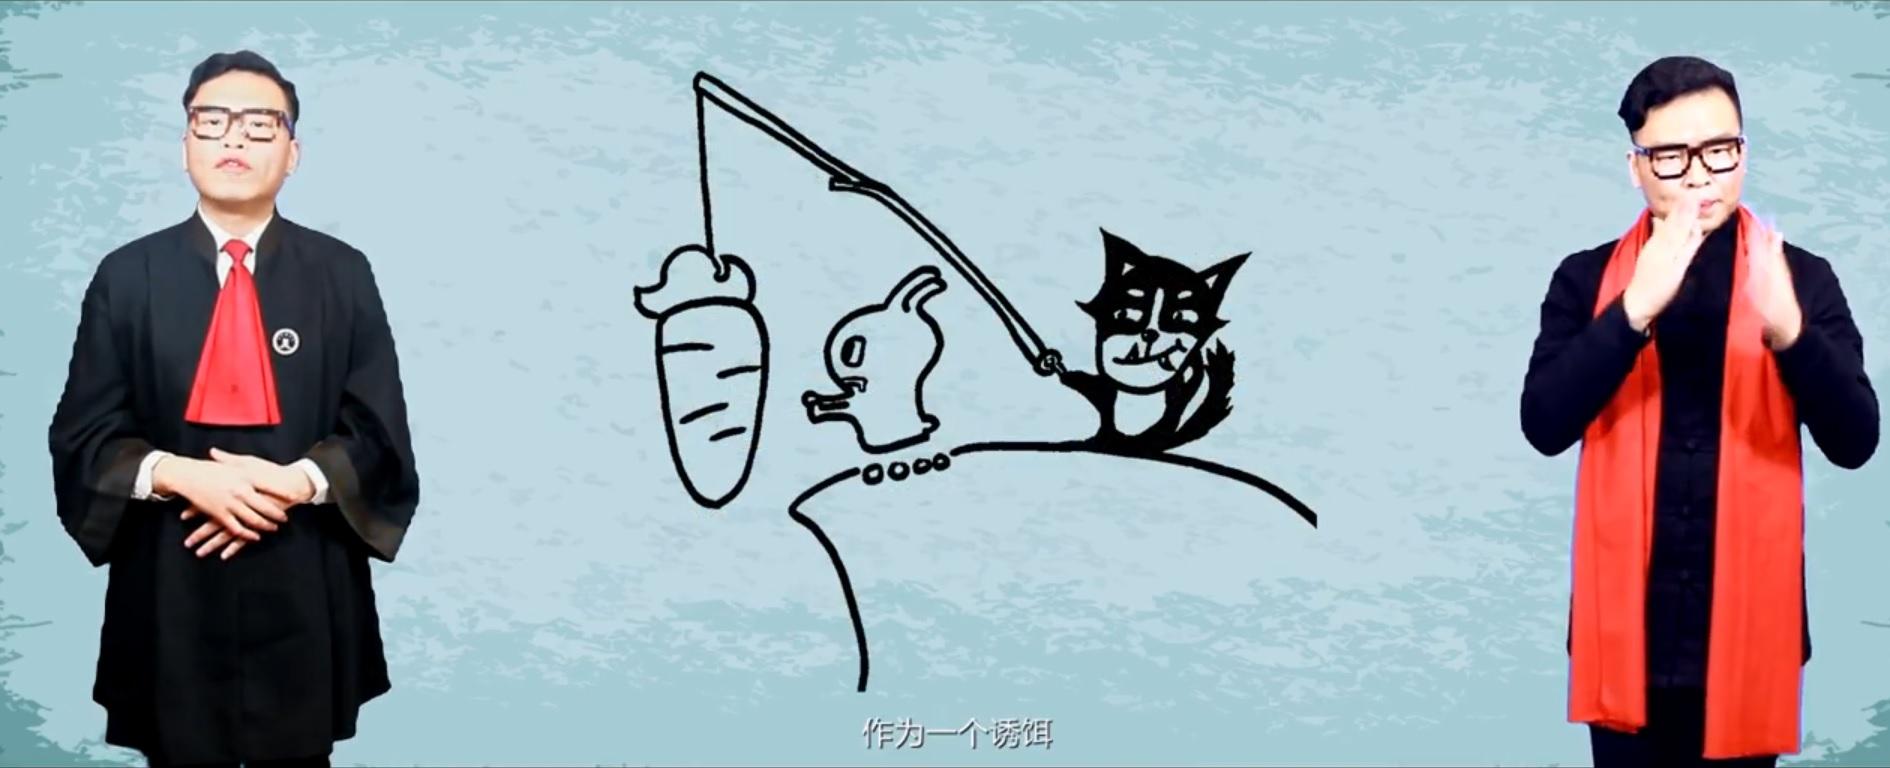 中國律師唐帥今年2月在微信上拍攝講解「龐氏騙局」的影片,在網路上暴紅。(截自唐帥影片)